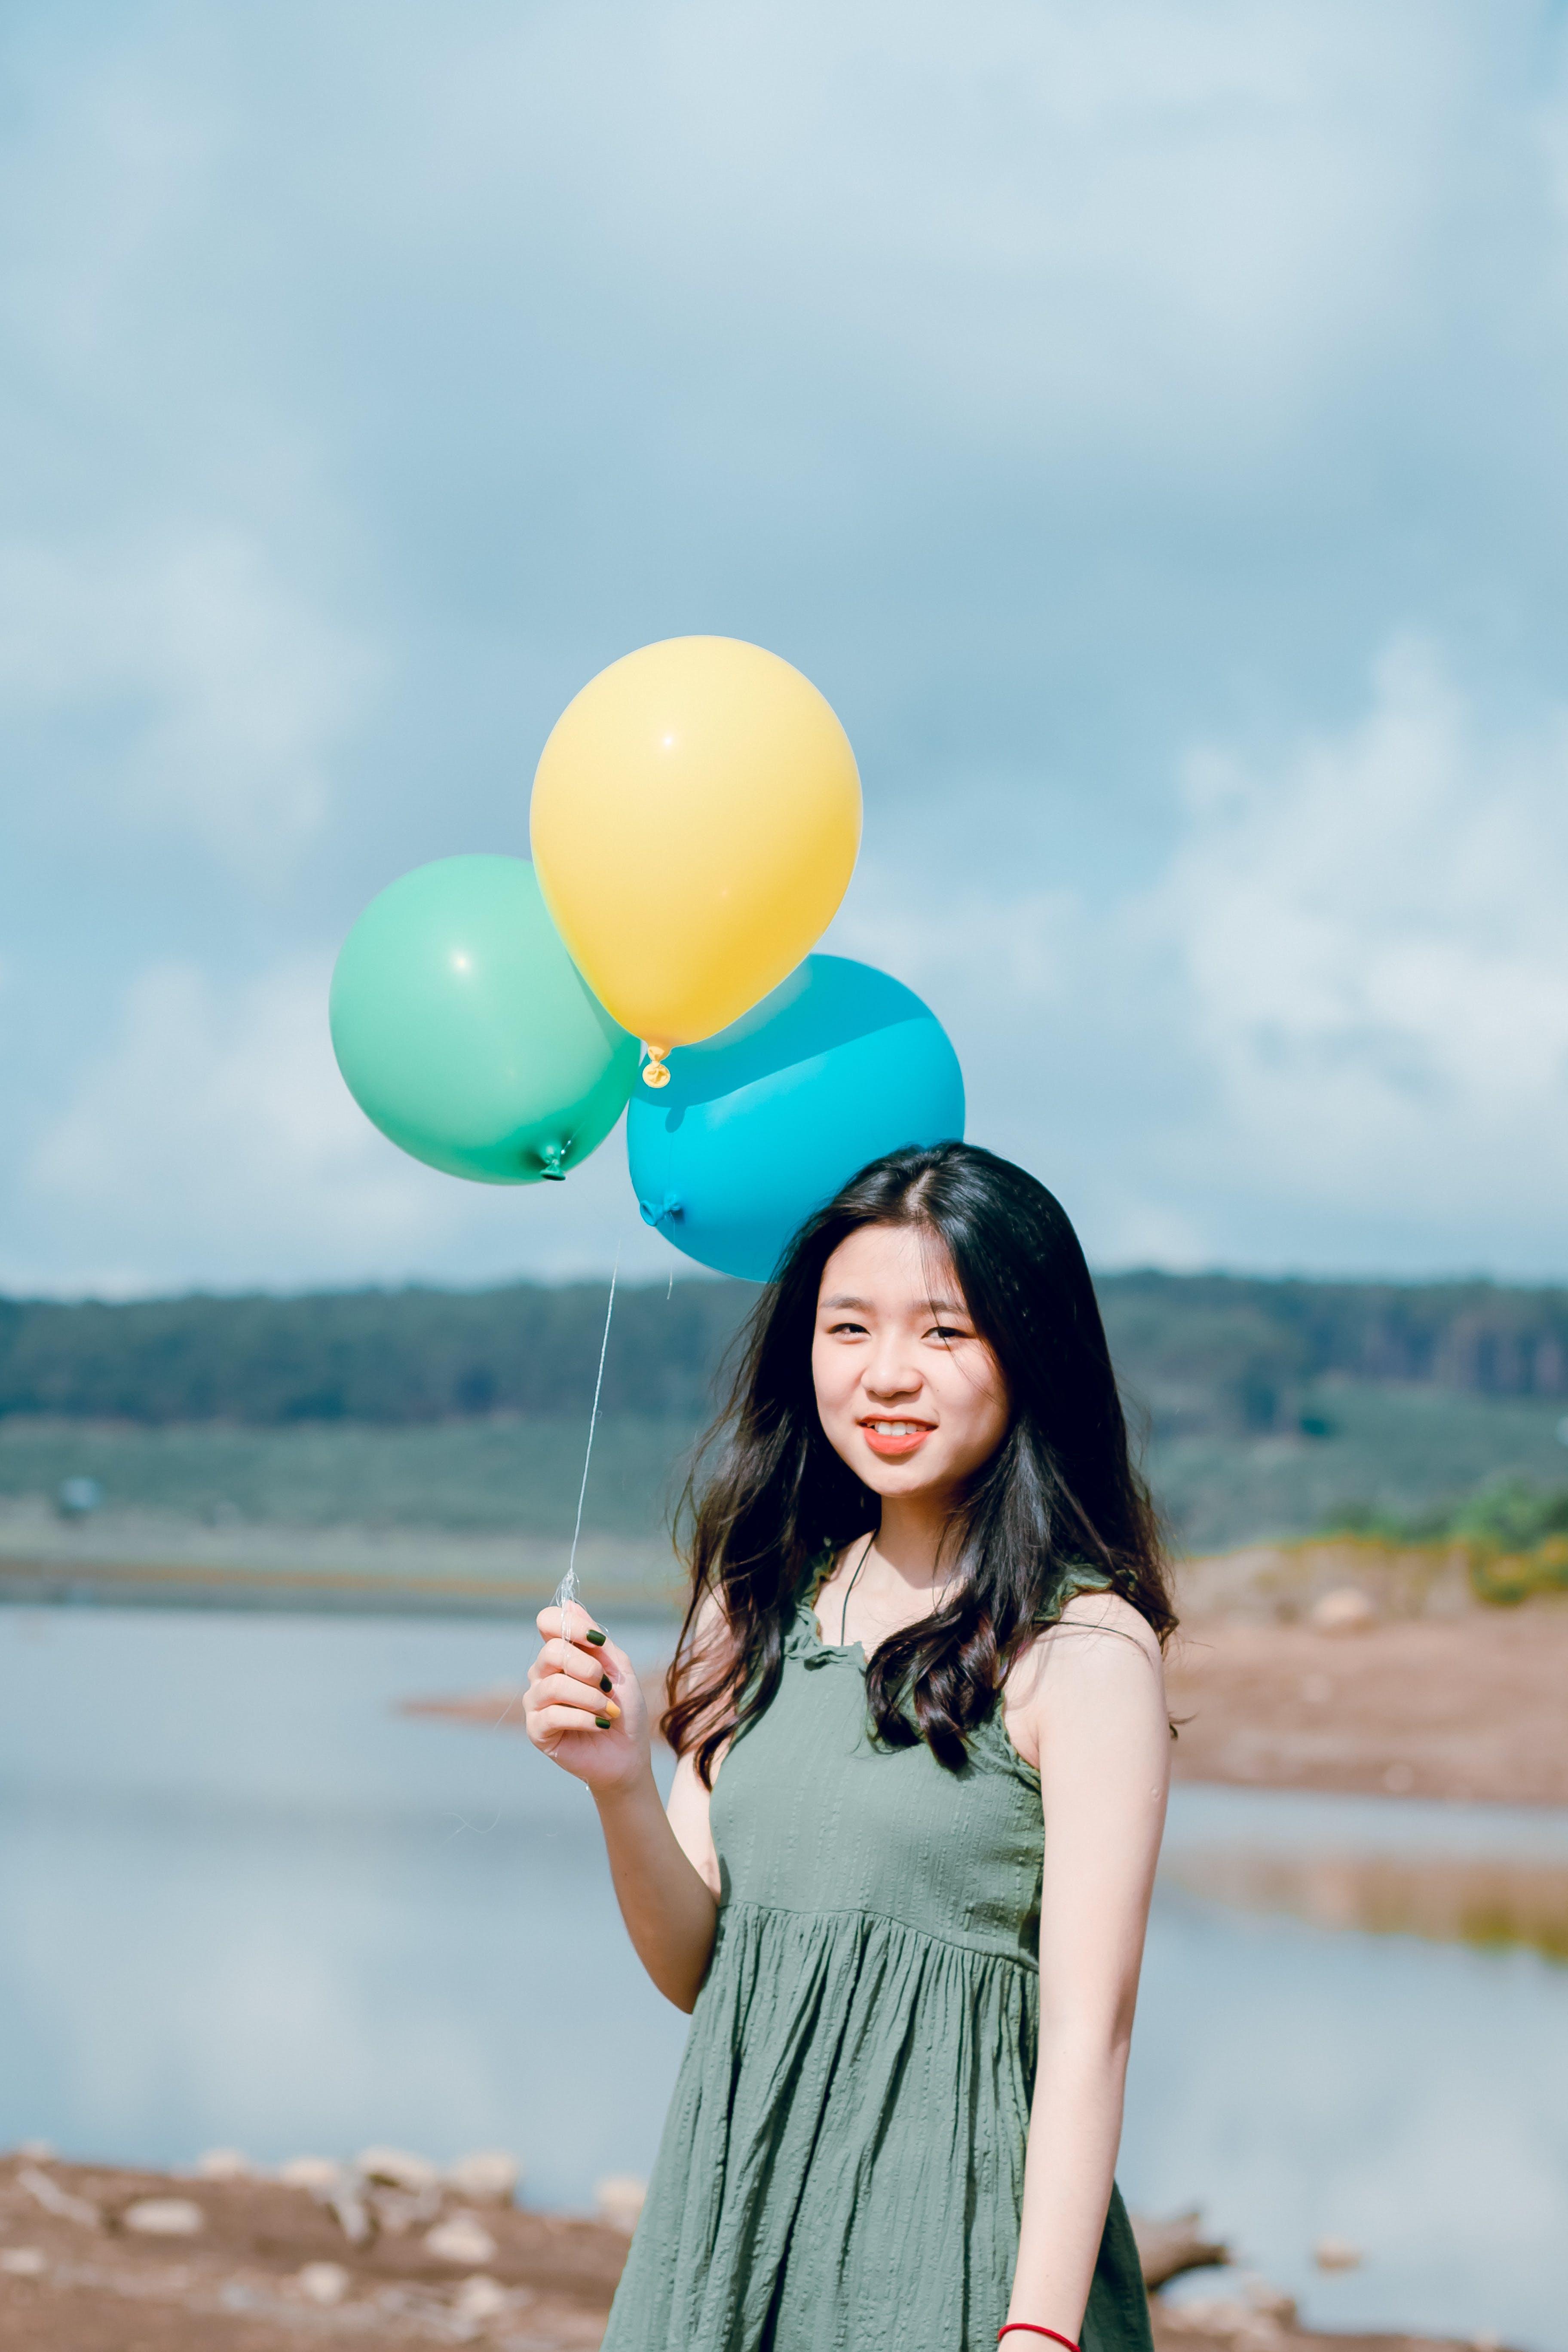 Kostenloses Stock Foto zu ballons, entspannung, farbe, freiheit